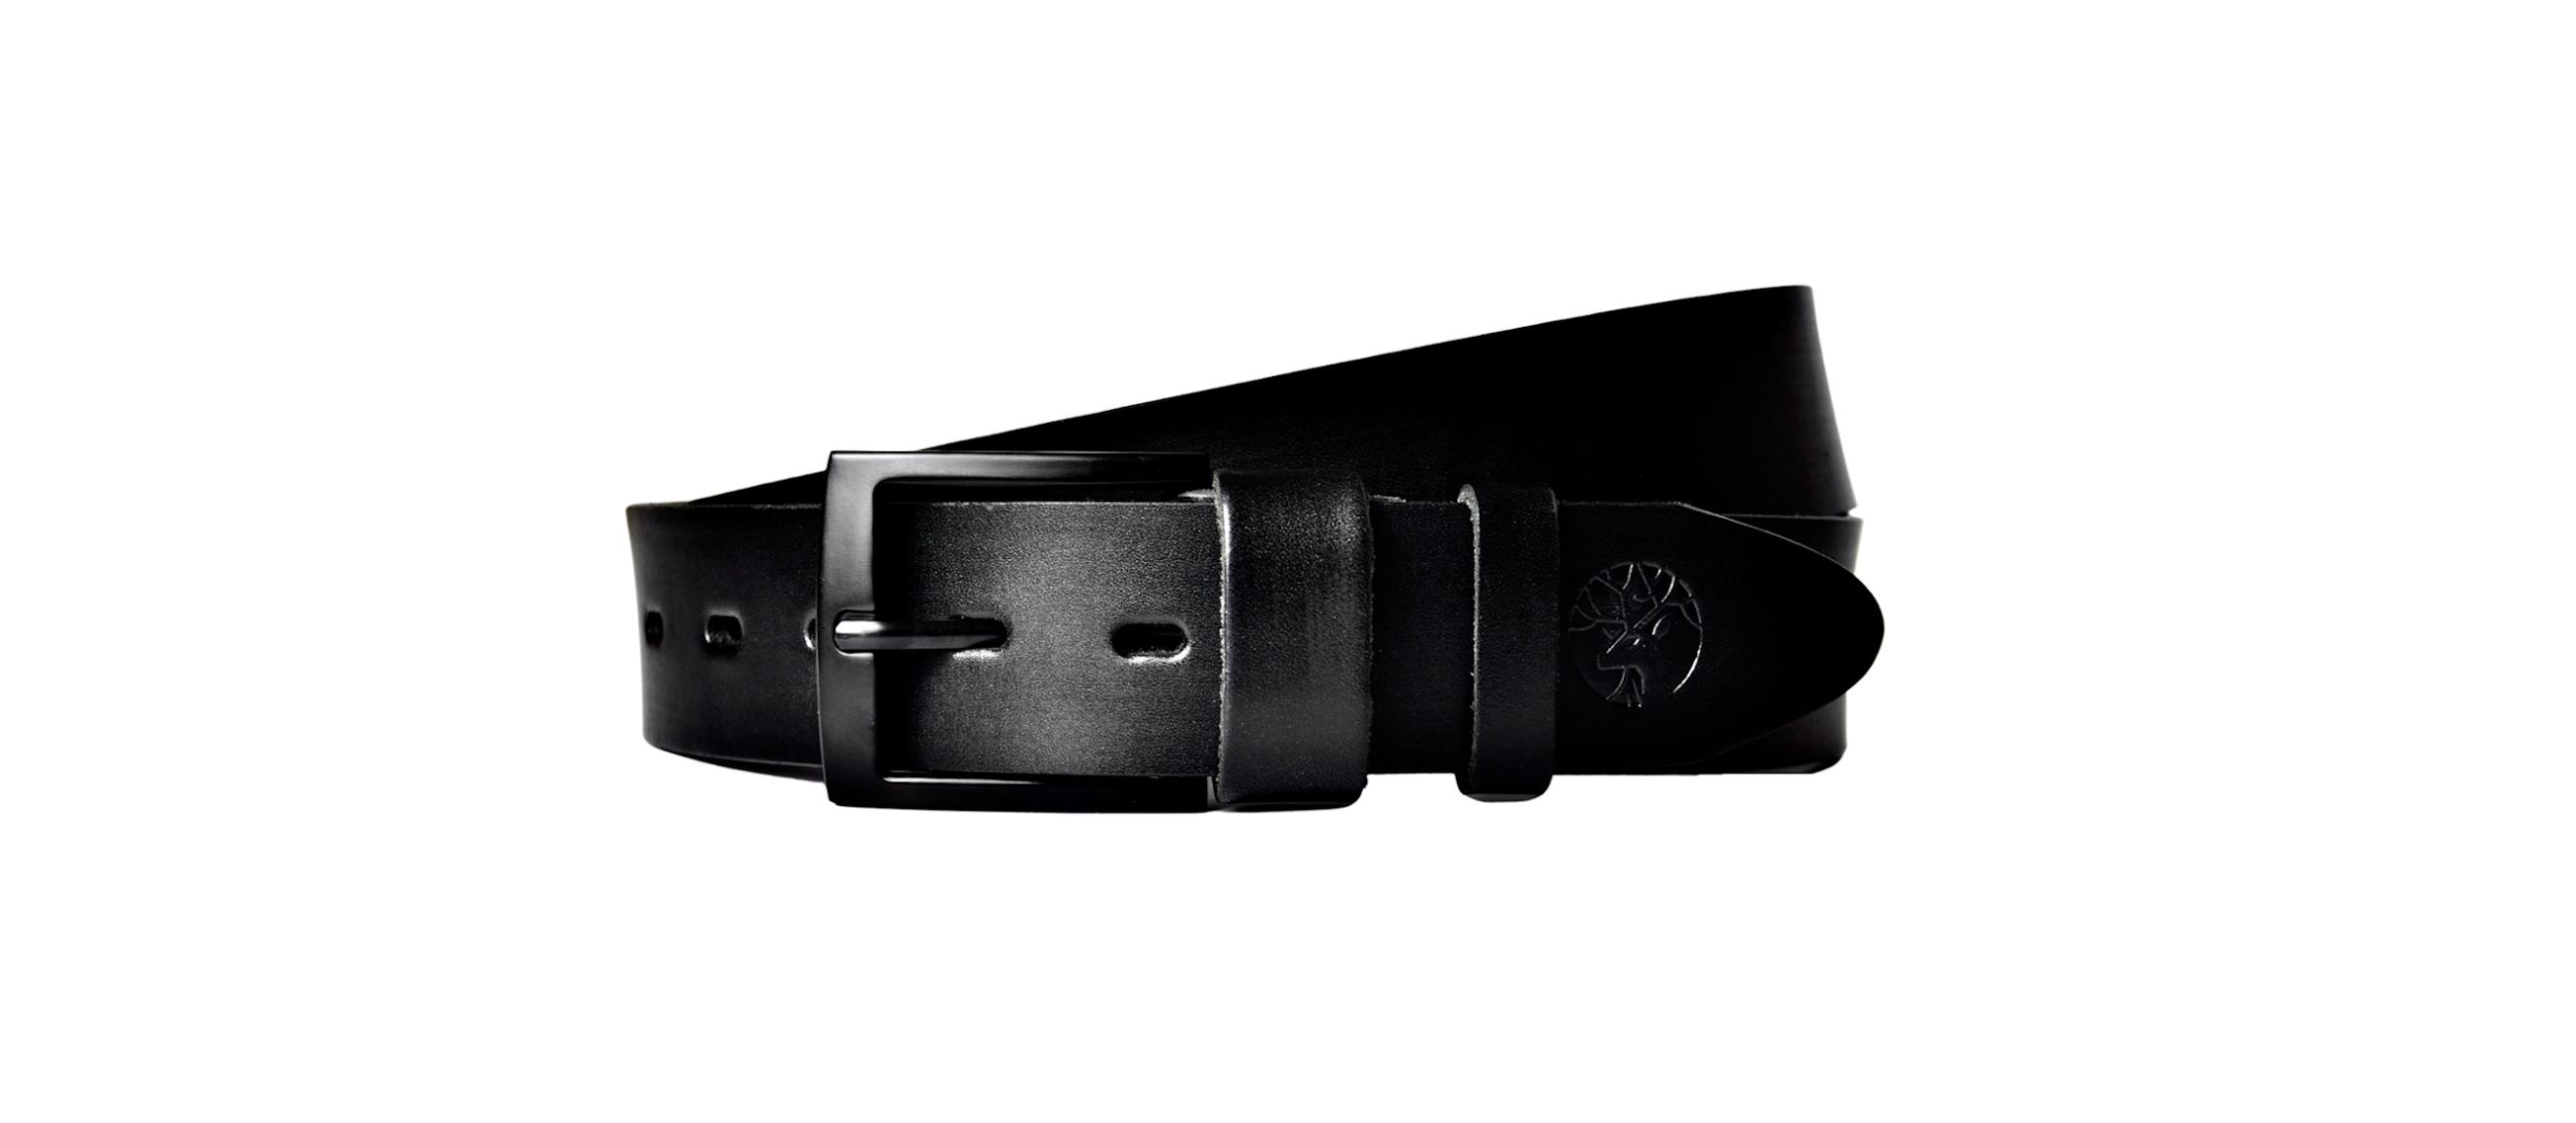 czarny pasek do spodni ze skóry z czarną klamrą główna